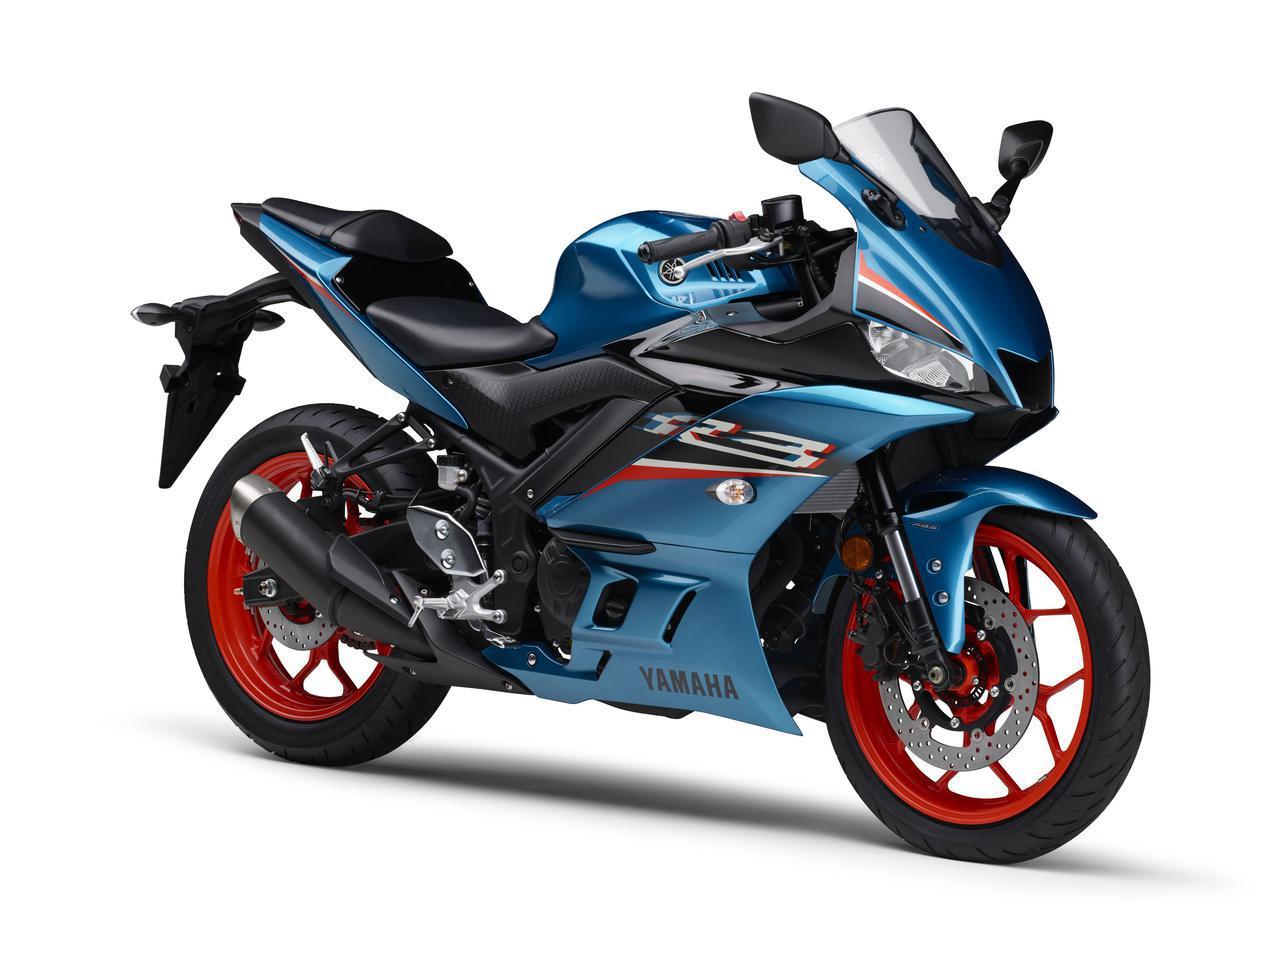 画像3: ヤマハが「YZF-R25」「YZF-R3」の2021年モデルを発売! トレンド色のシアンを初採用